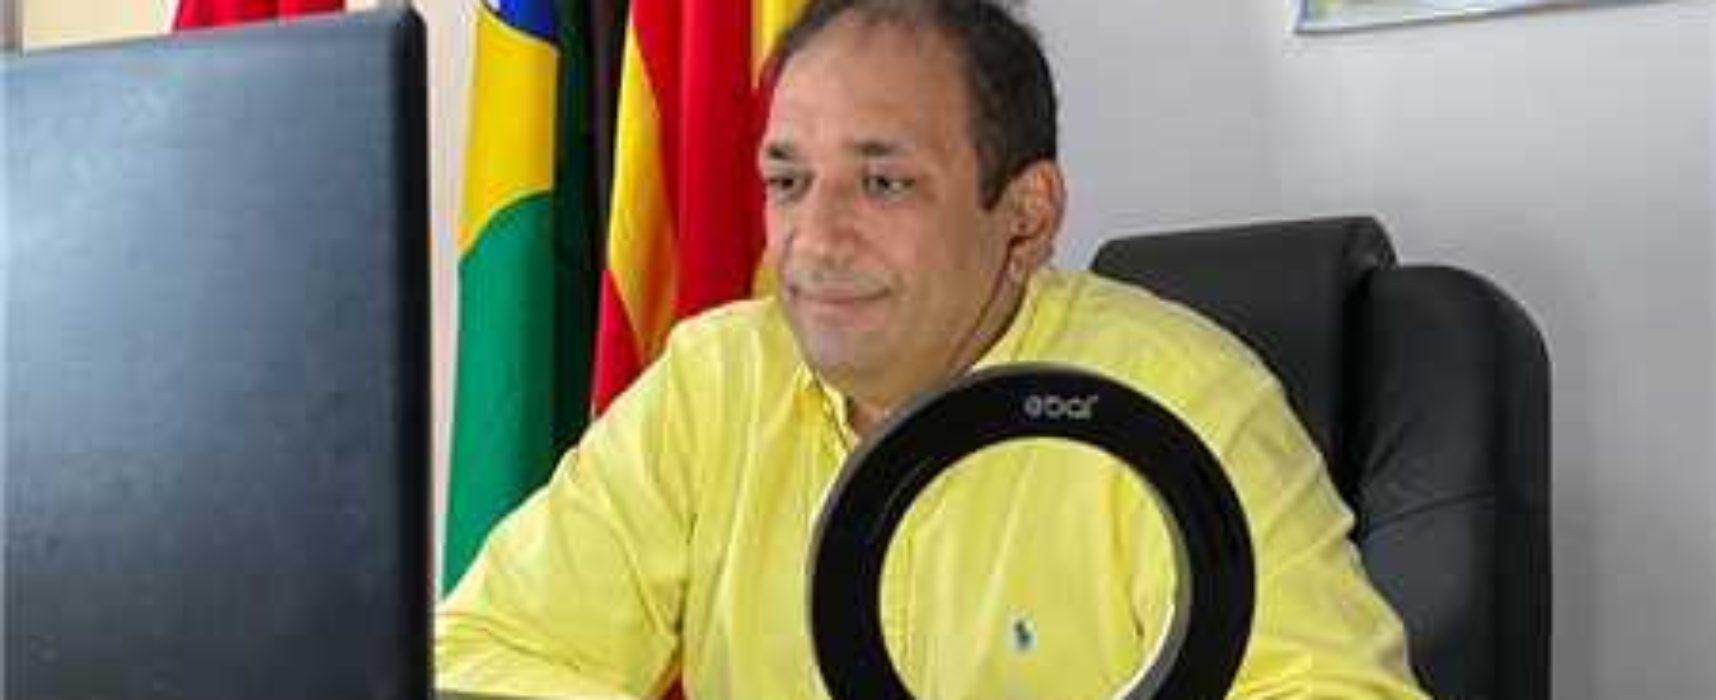 Covid-19: Prefeito Mário Alexandre participa de videoconferência com governador para alinhar ações